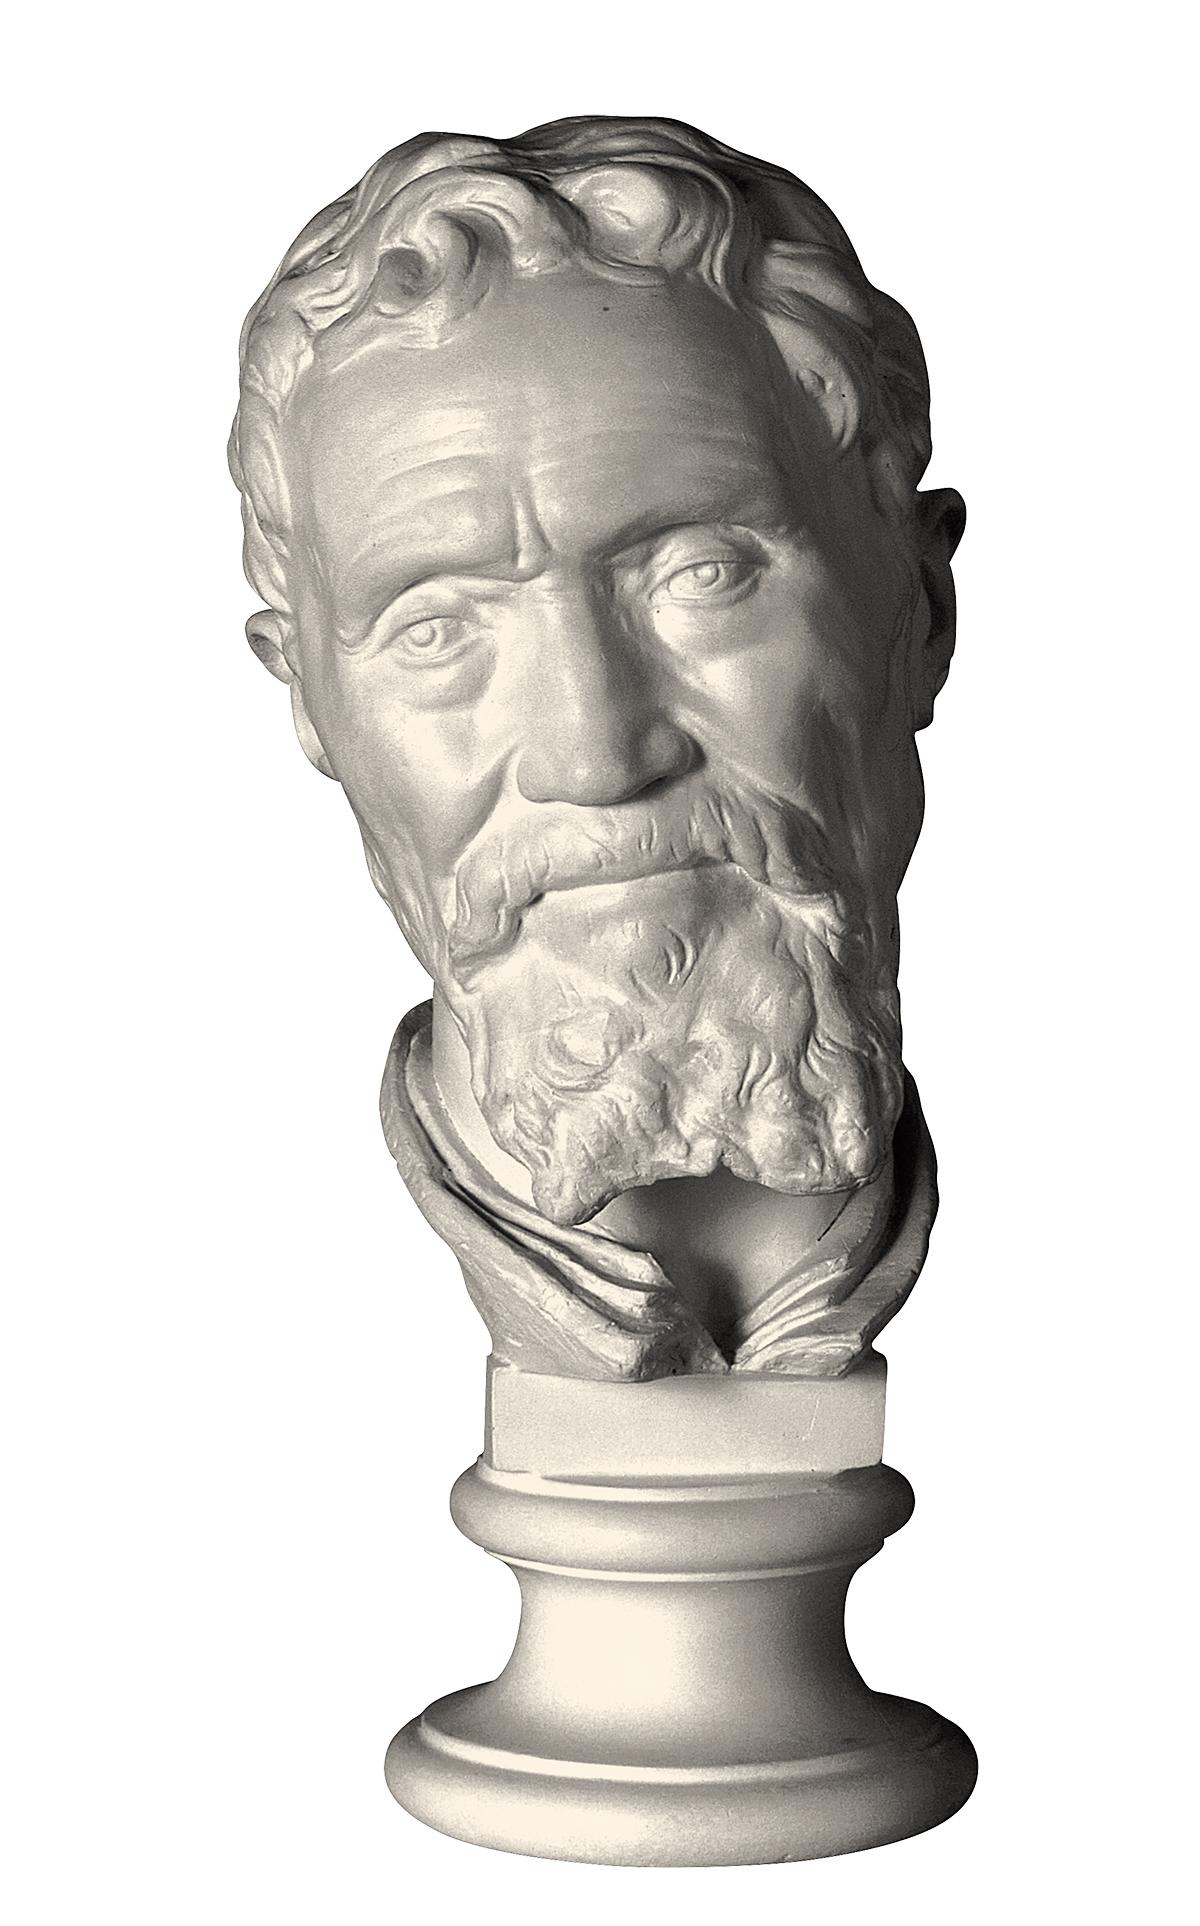 Ritratto di Michelangelo (scultura in gesso)